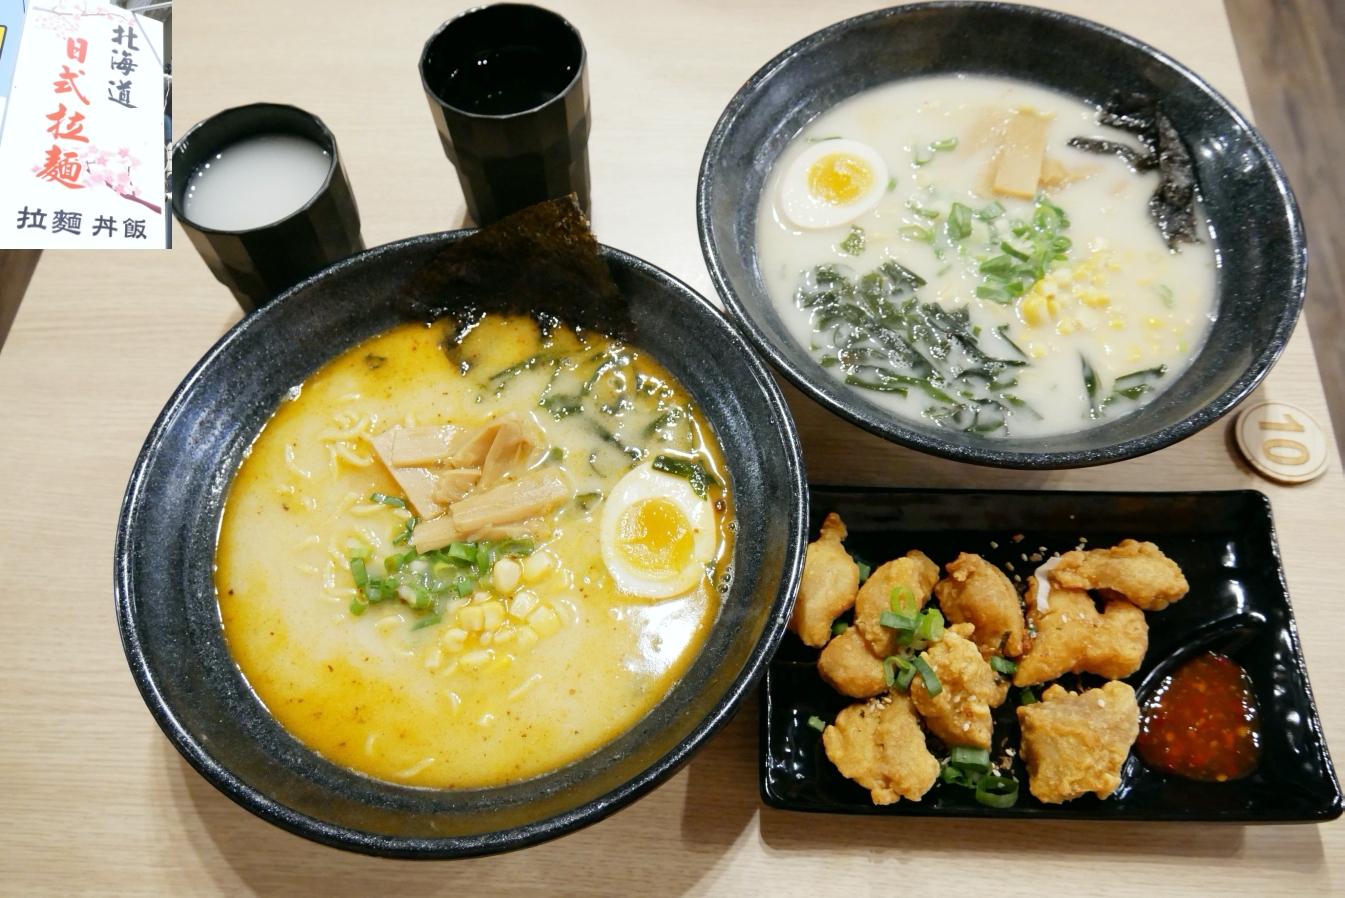 最新推播訊息:[桃園美食]北海道日式拉麵|武陵高中附近商圈~平價台式拉麵店.免費飲料吧、白飯、味噌湯.可再續麵